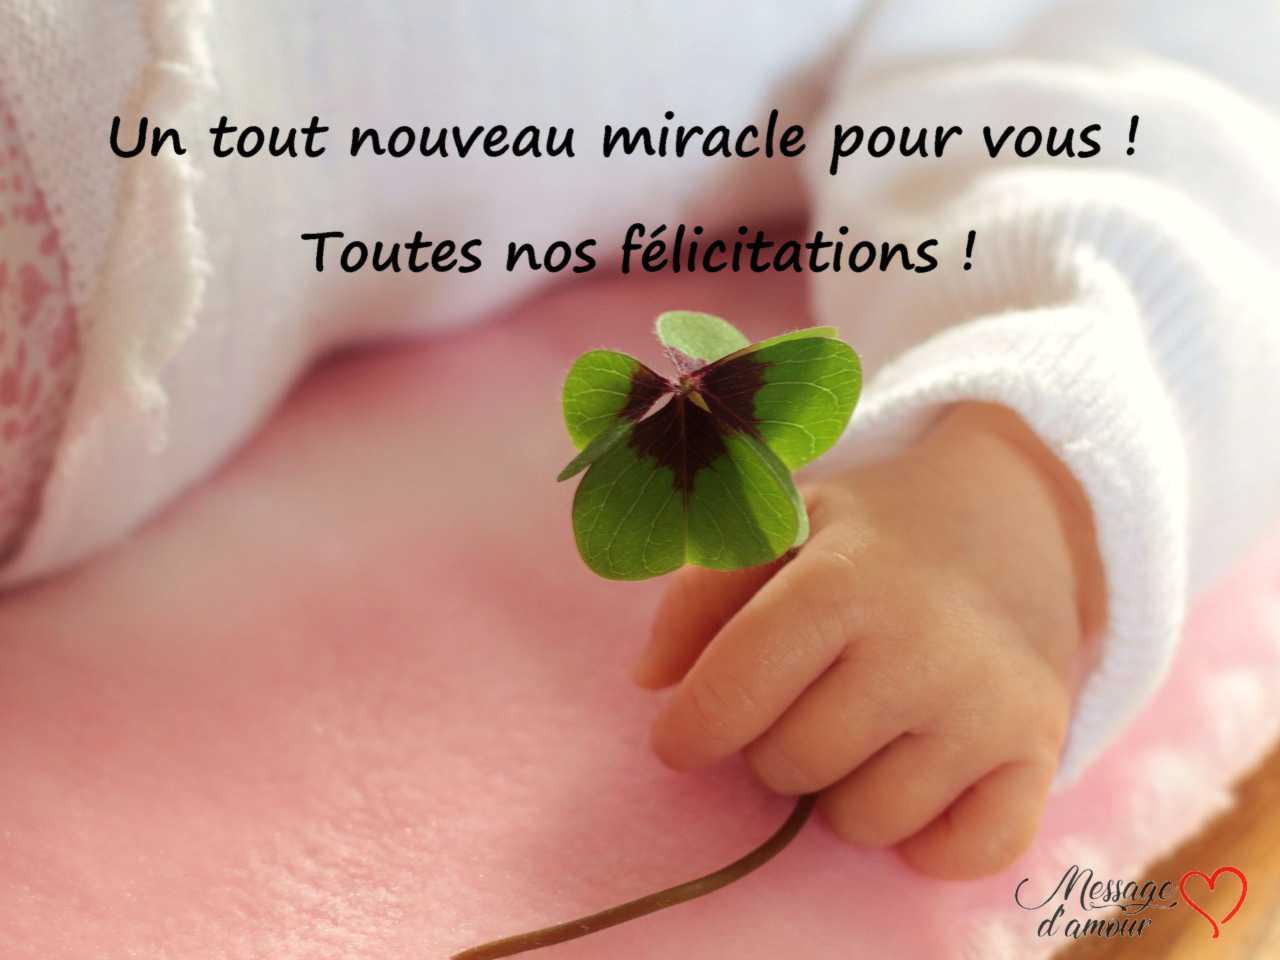 Messages De Félicitations Pour Une Naissance Message Damour